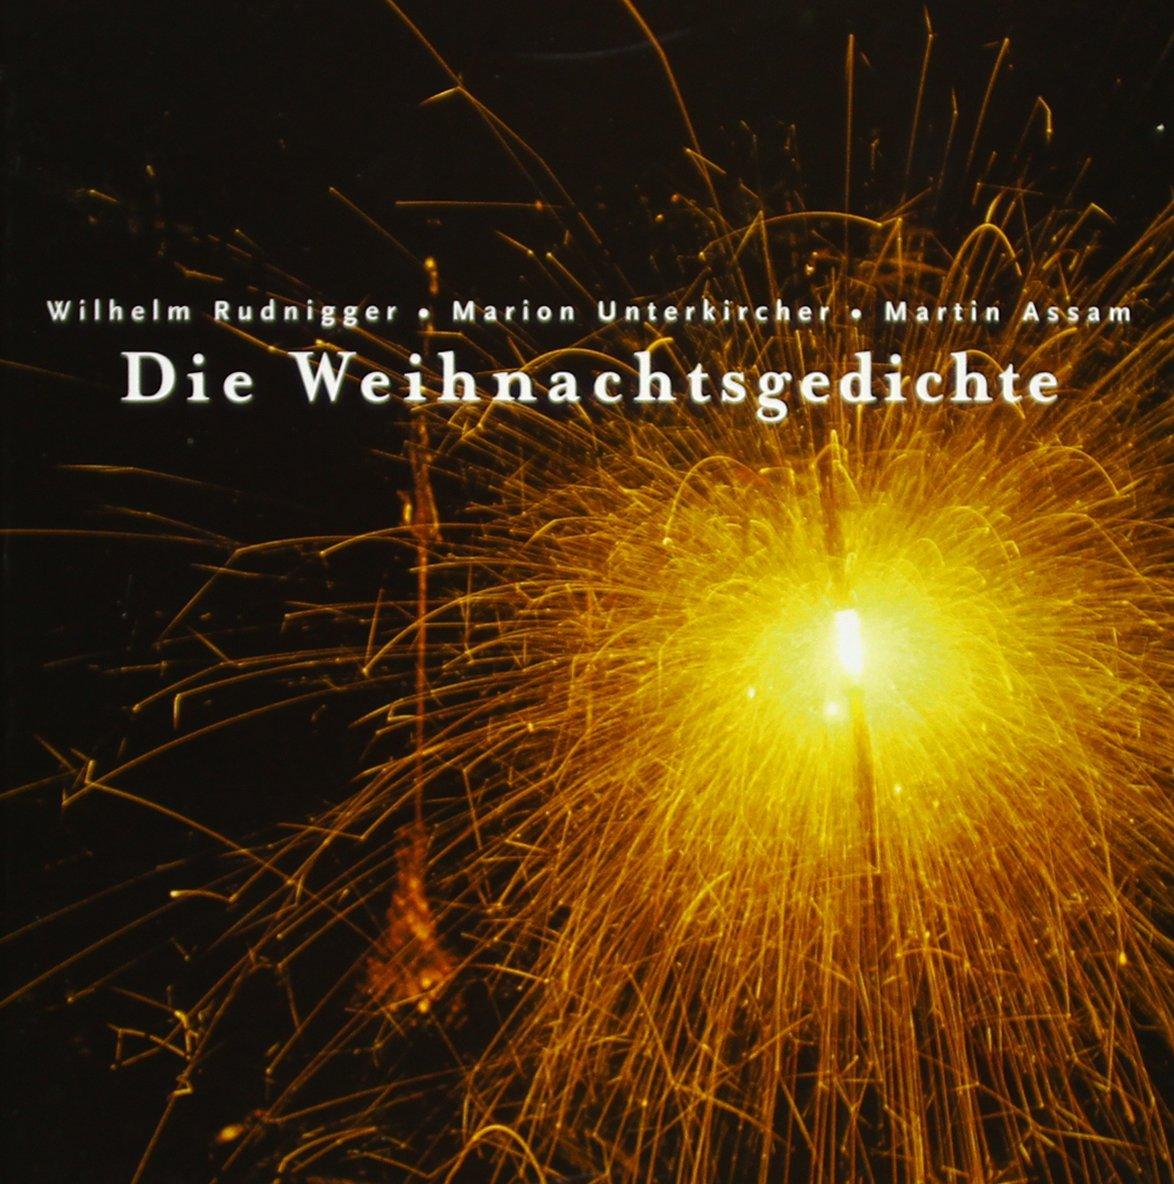 Lange Weihnachtsgedichte.Die Weihnachtsgedichte Amazon De Wilhelm Rudnigger Marion